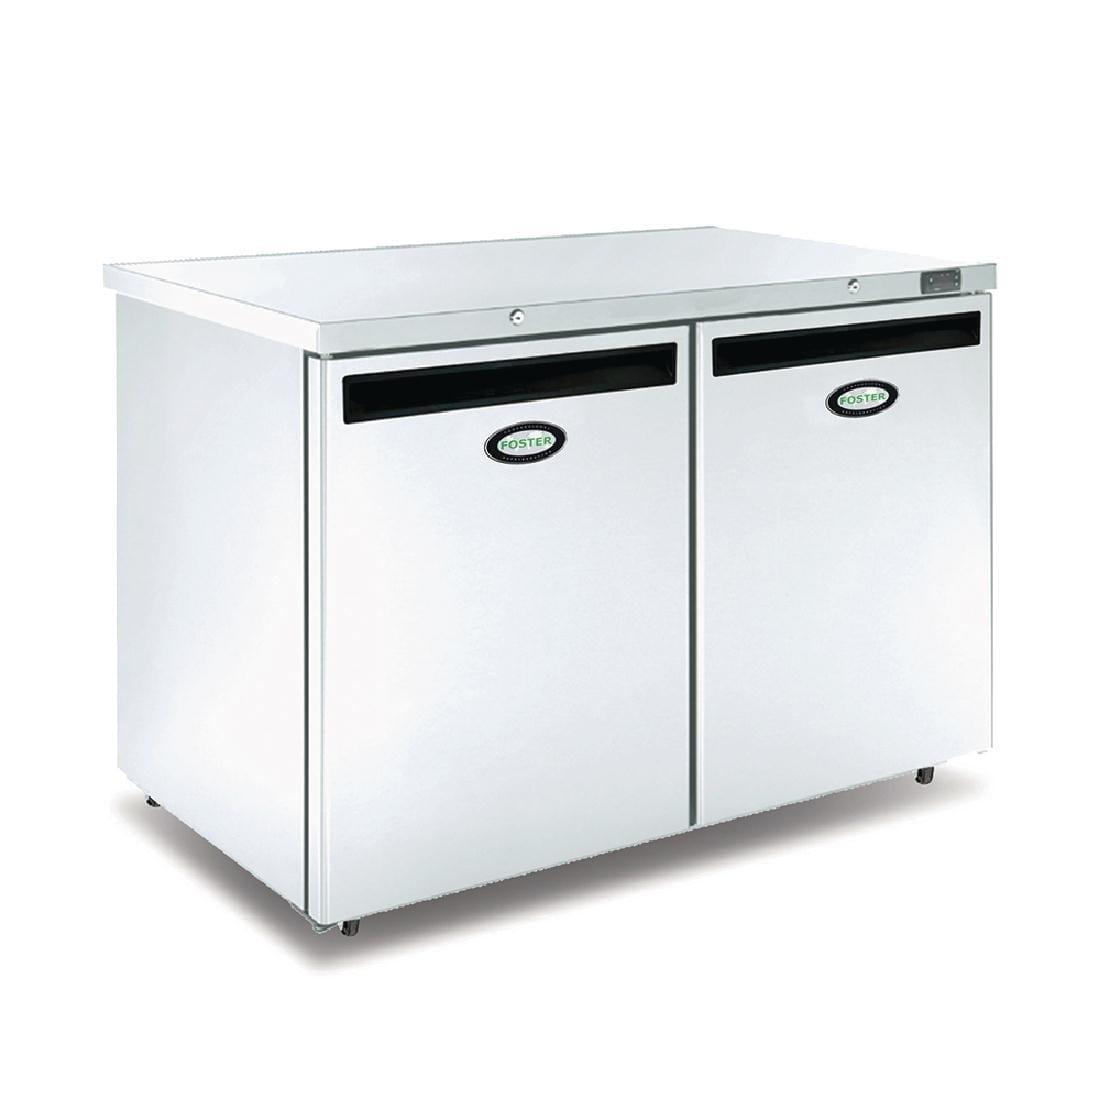 Foster 2 Door 360Ltr Undercounter Freezer R404a (StSt Ext Alu Int) (Direct)-0